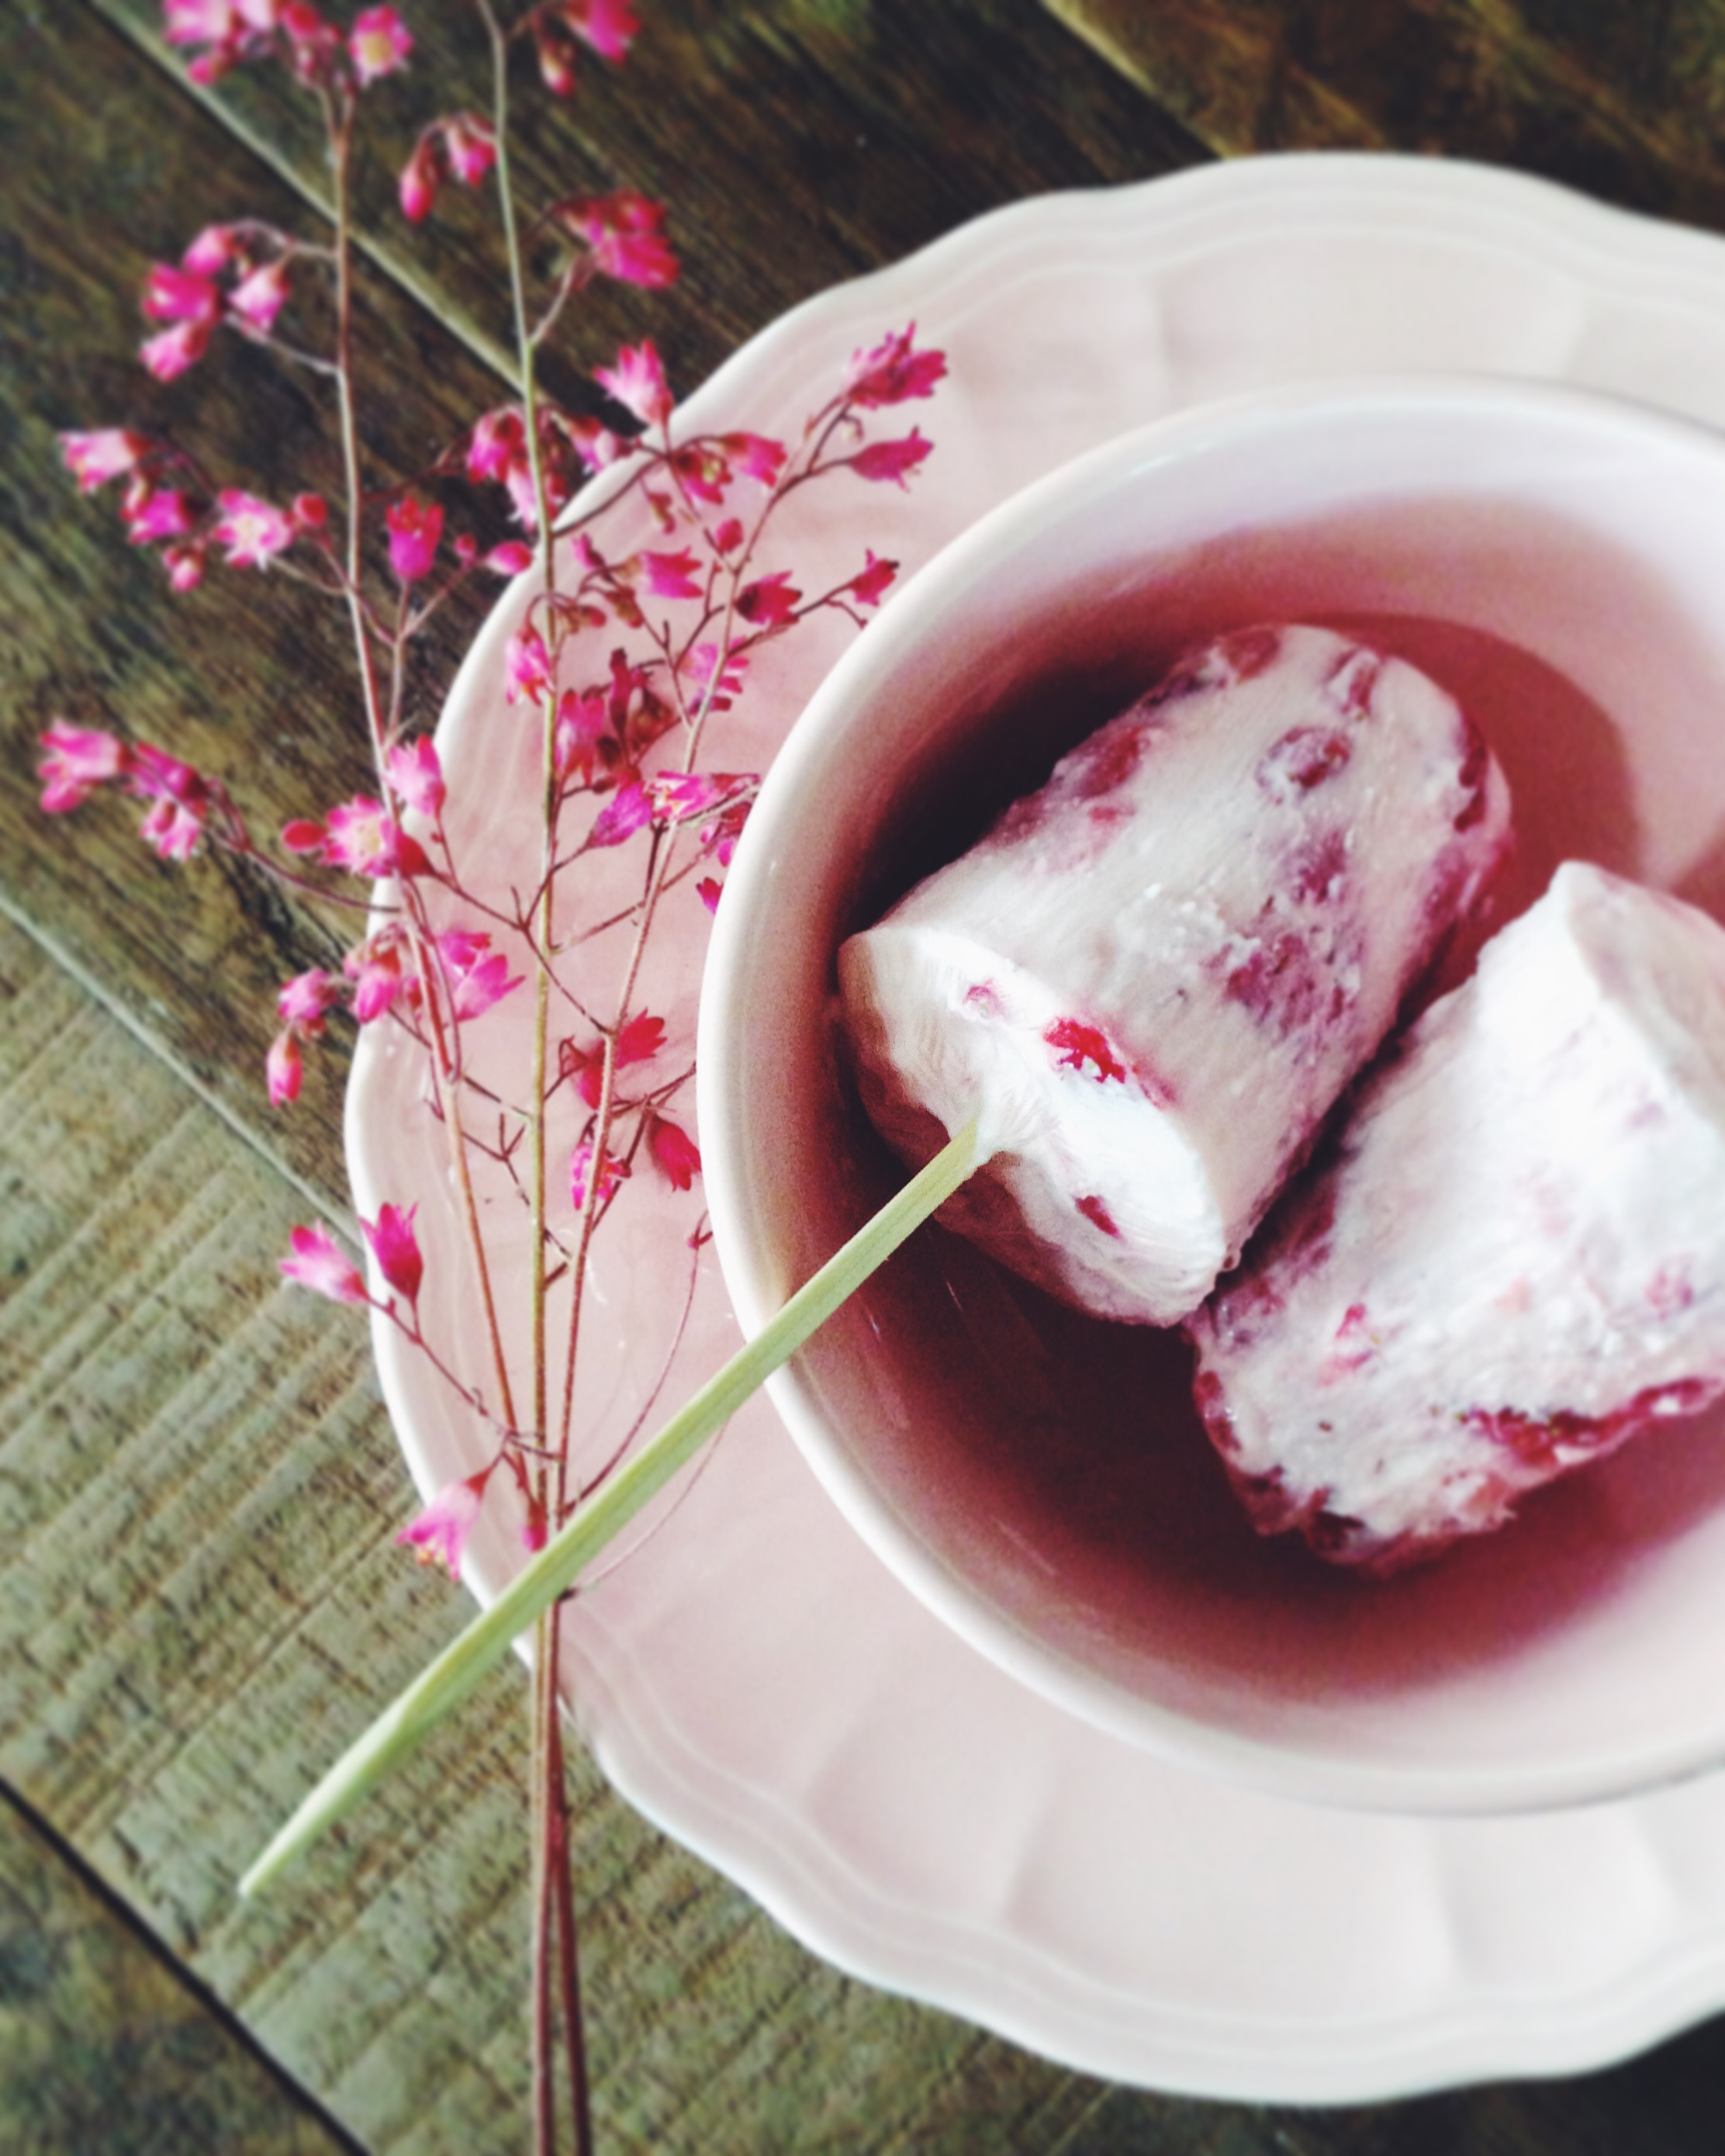 Petites glaces légères à la fraise - Juliette Lalbaltry